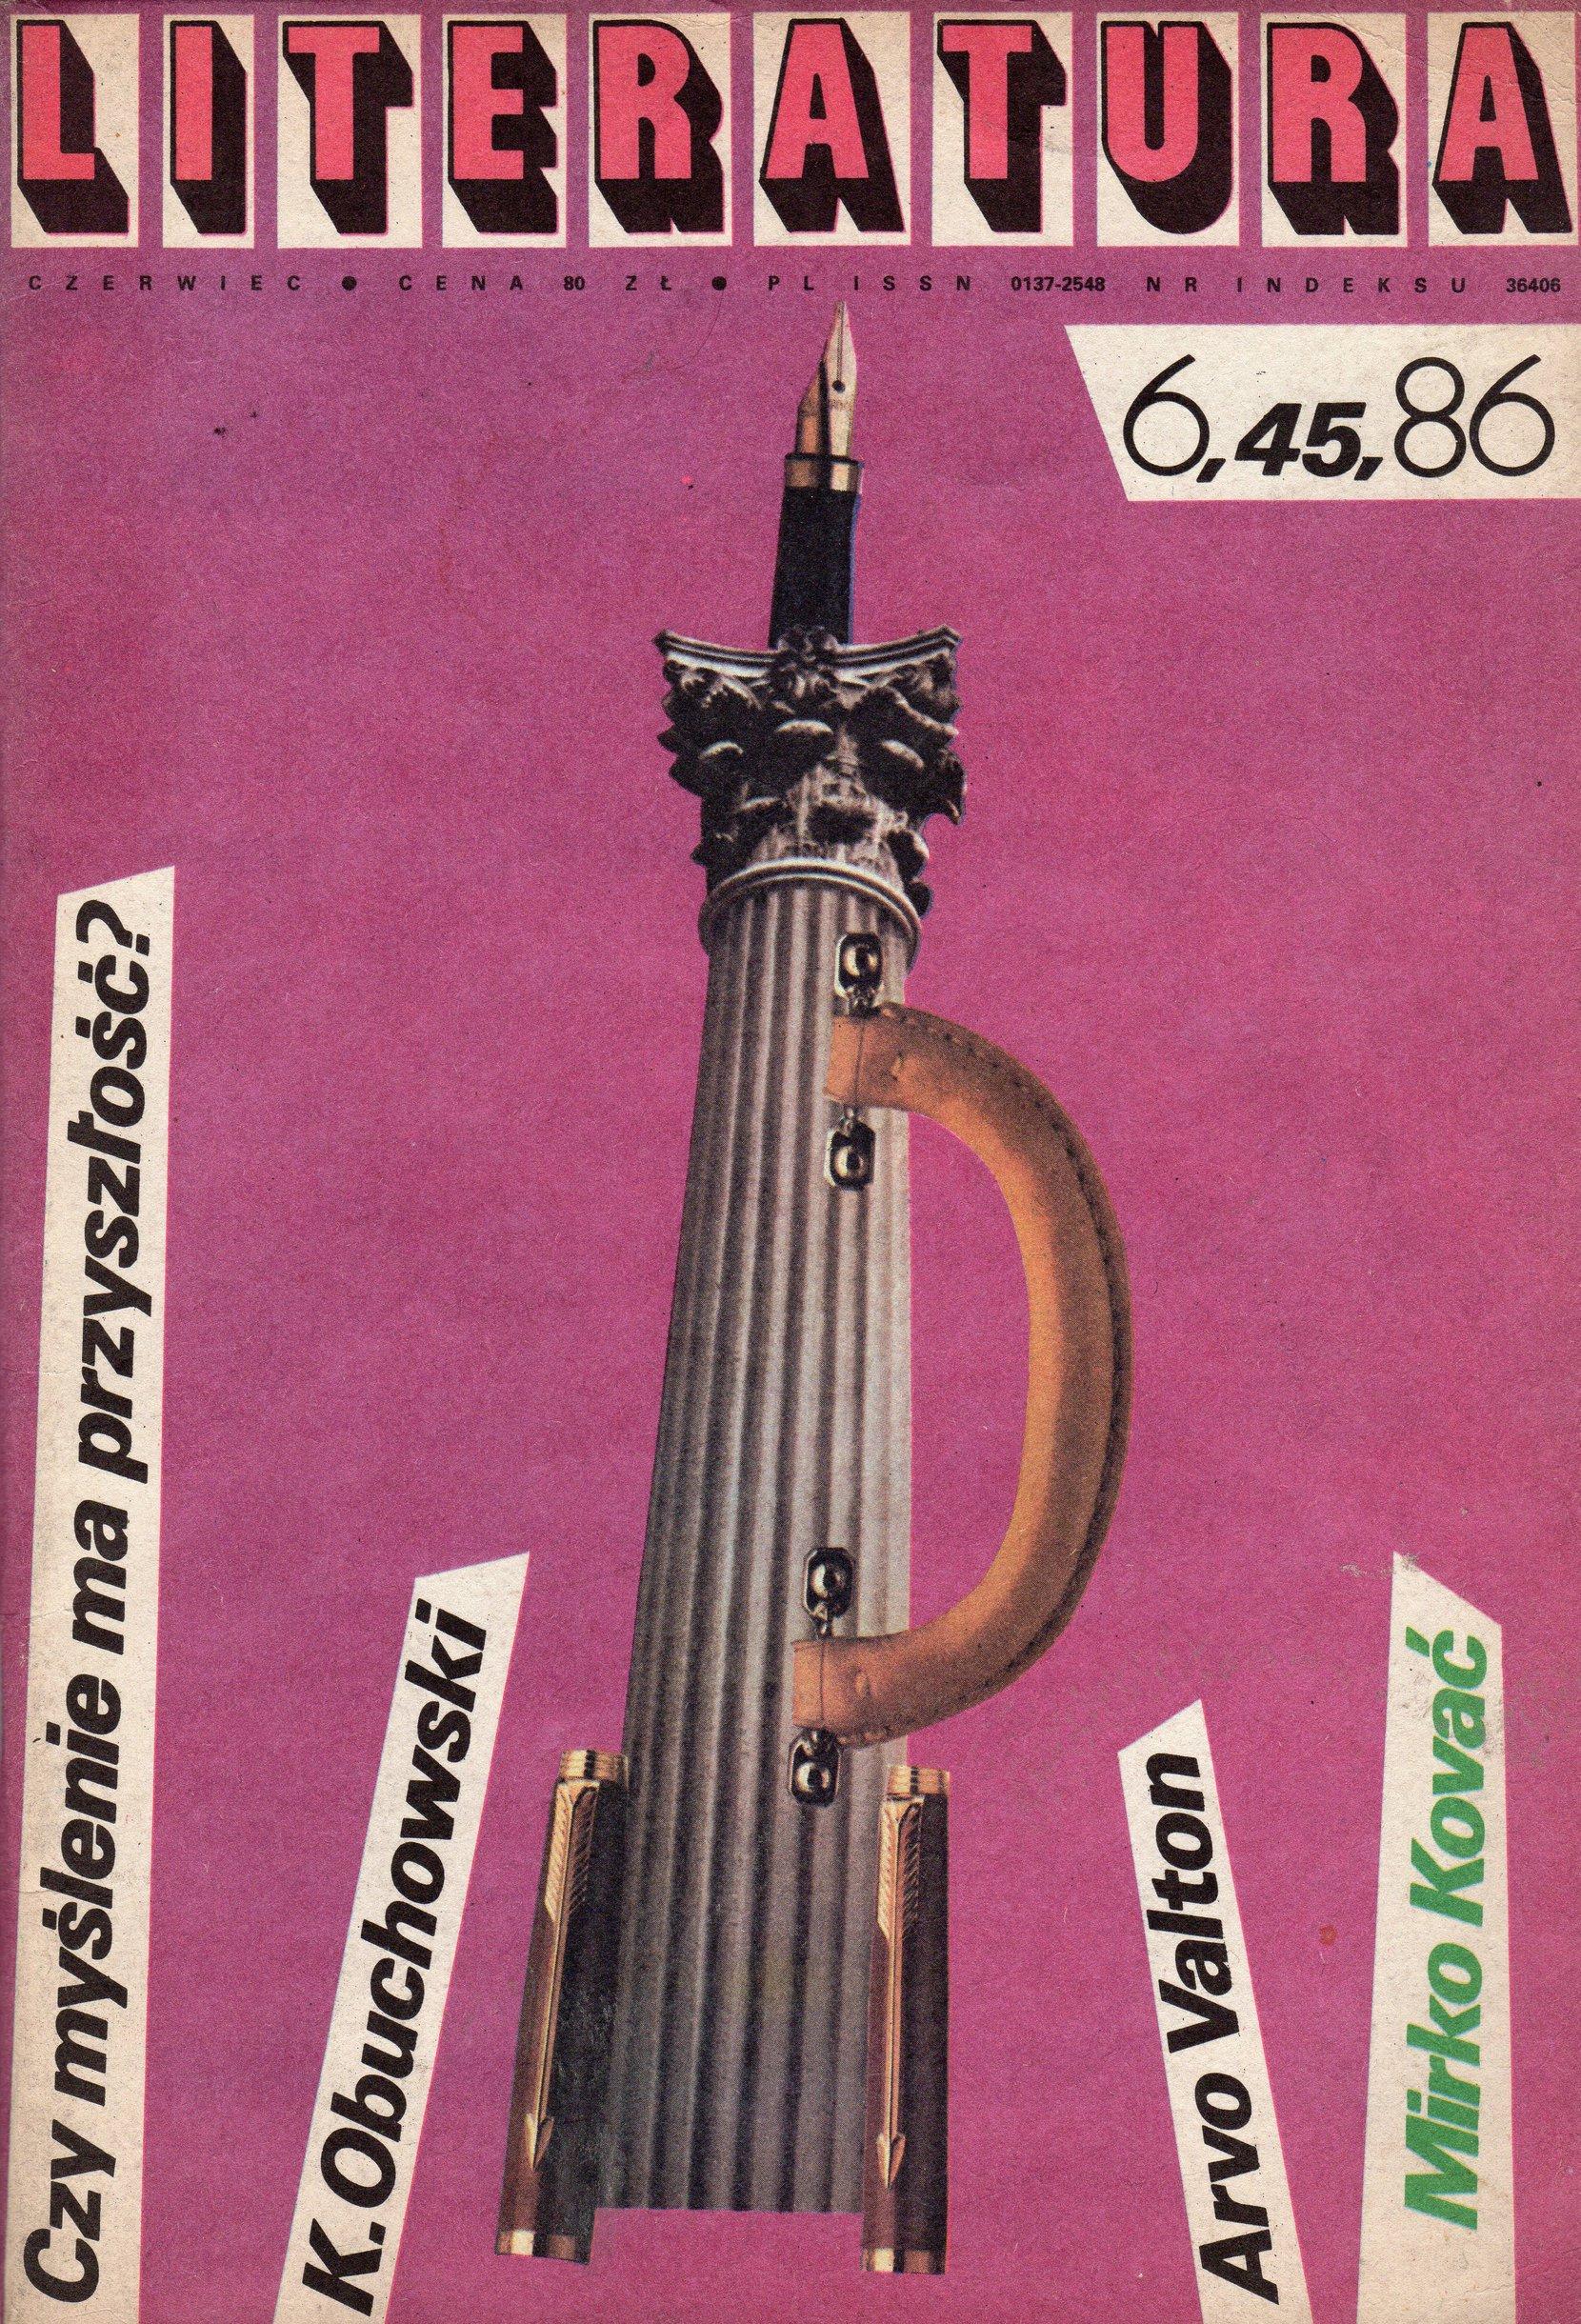 """""""literatura"""" magazine, 1986-6 periodicals art & culture"""